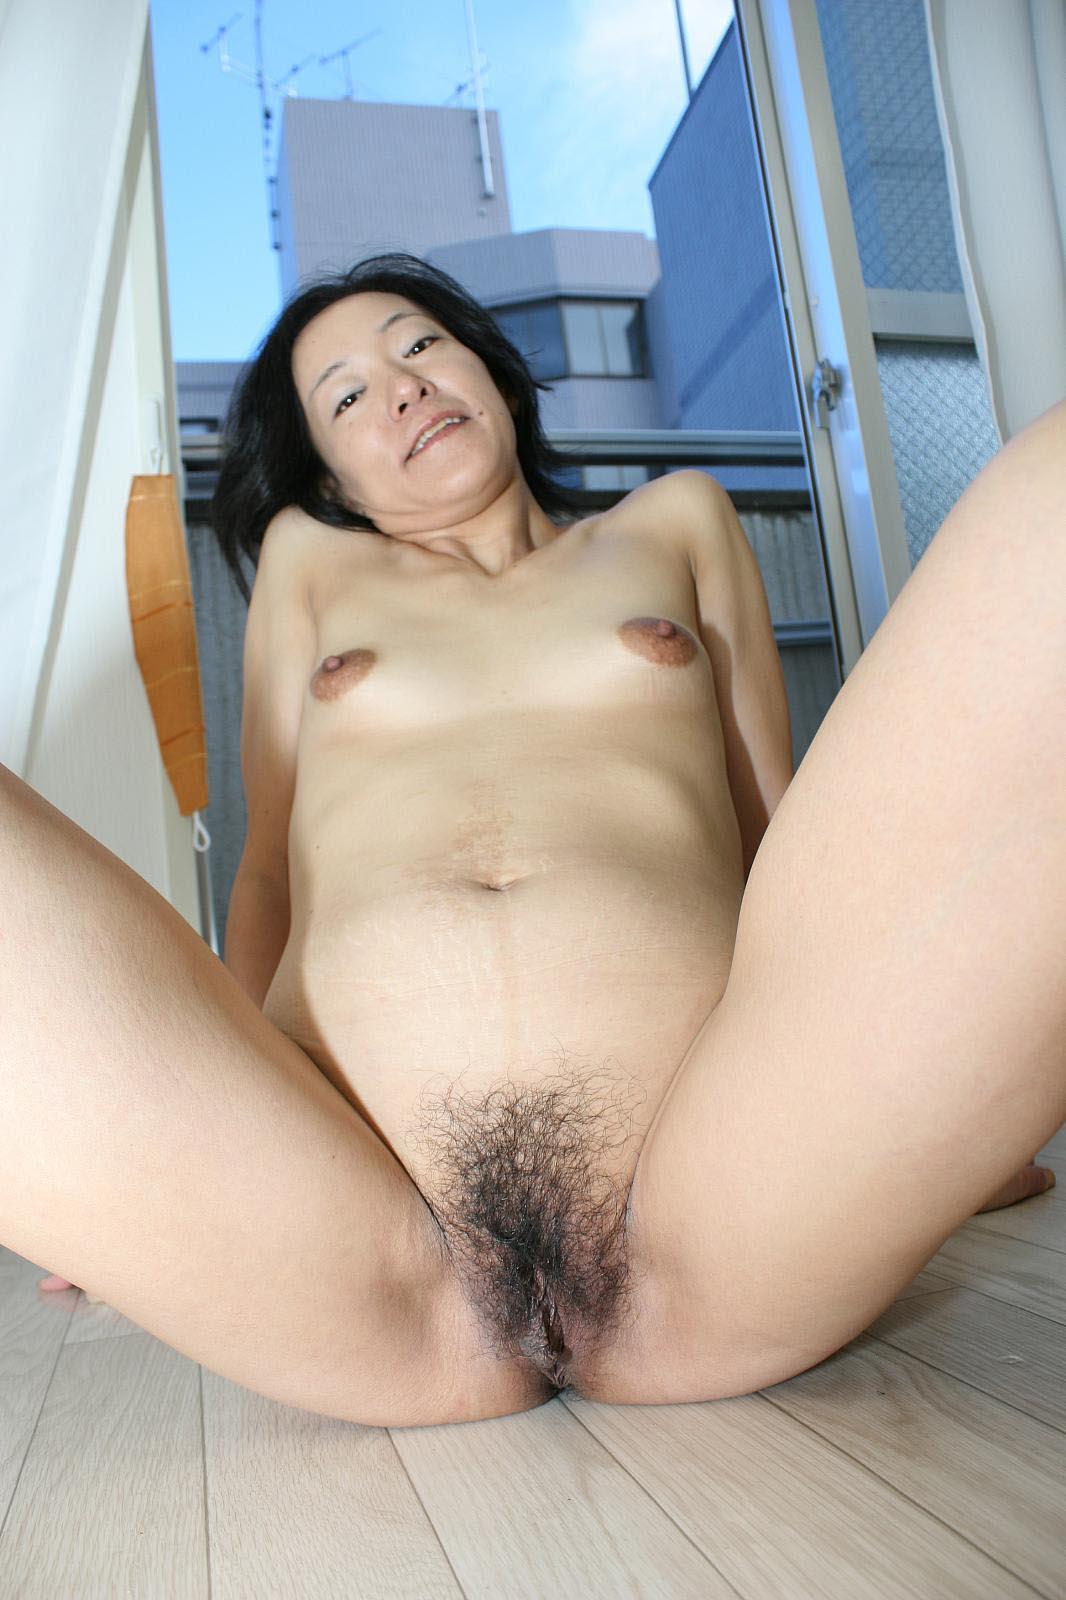 Japan granny nude, claire forlani video porno